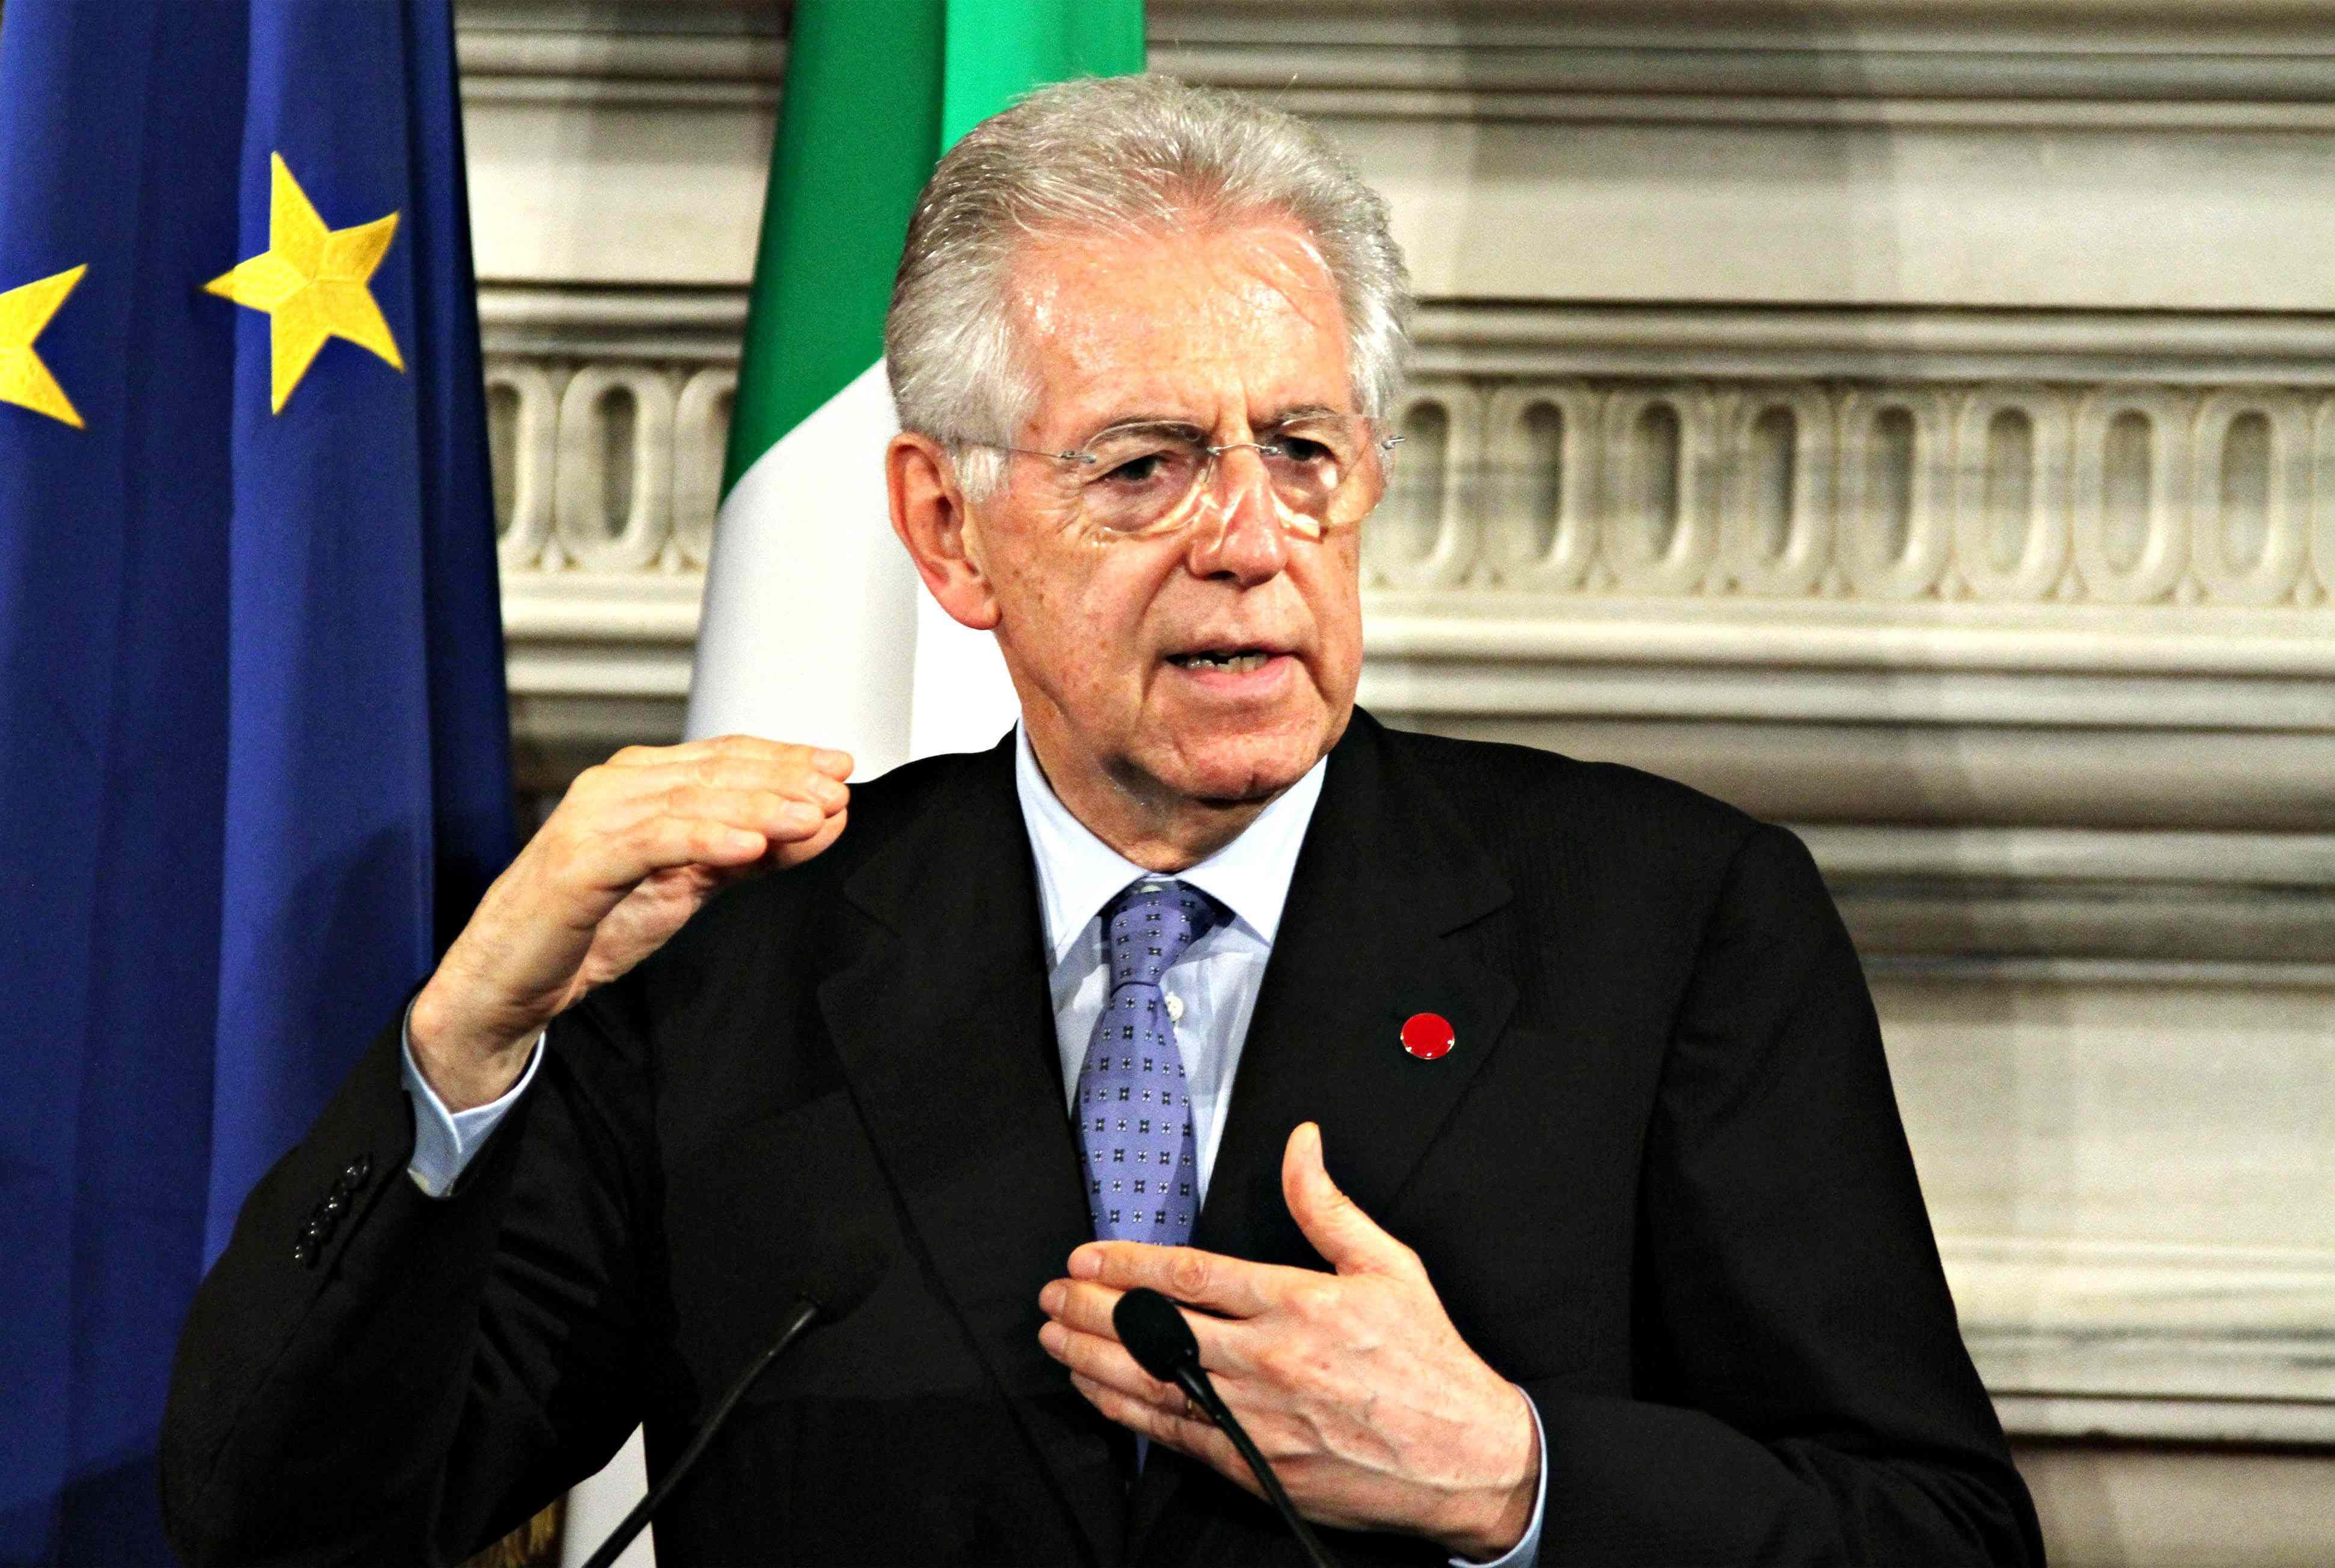 Gli Indipendenti per l'Italia categorici: la garanzia è Monti